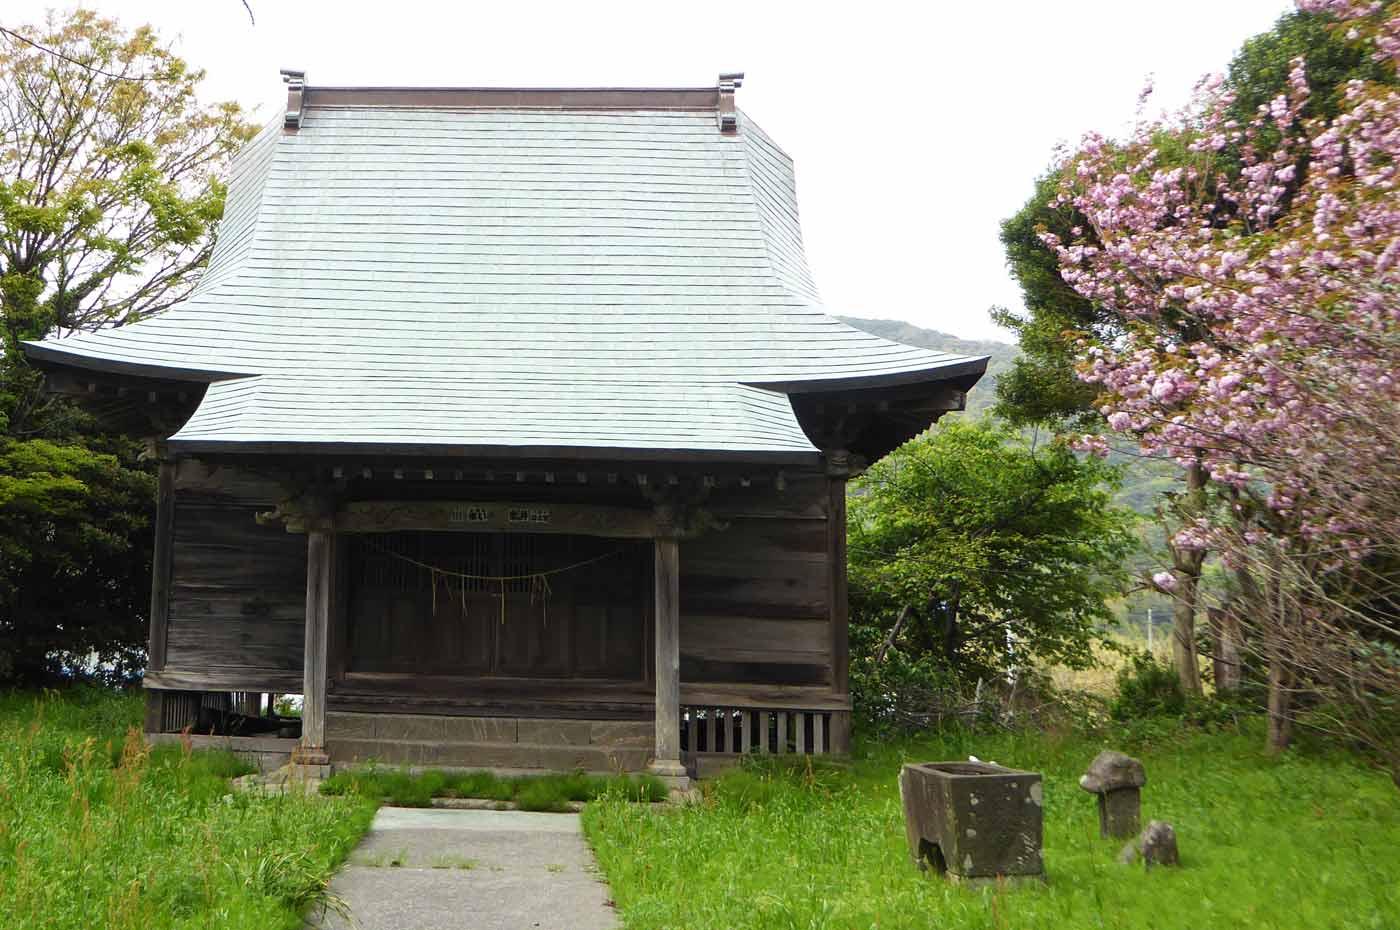 鶴ヶ浜八幡神社拝殿の画像